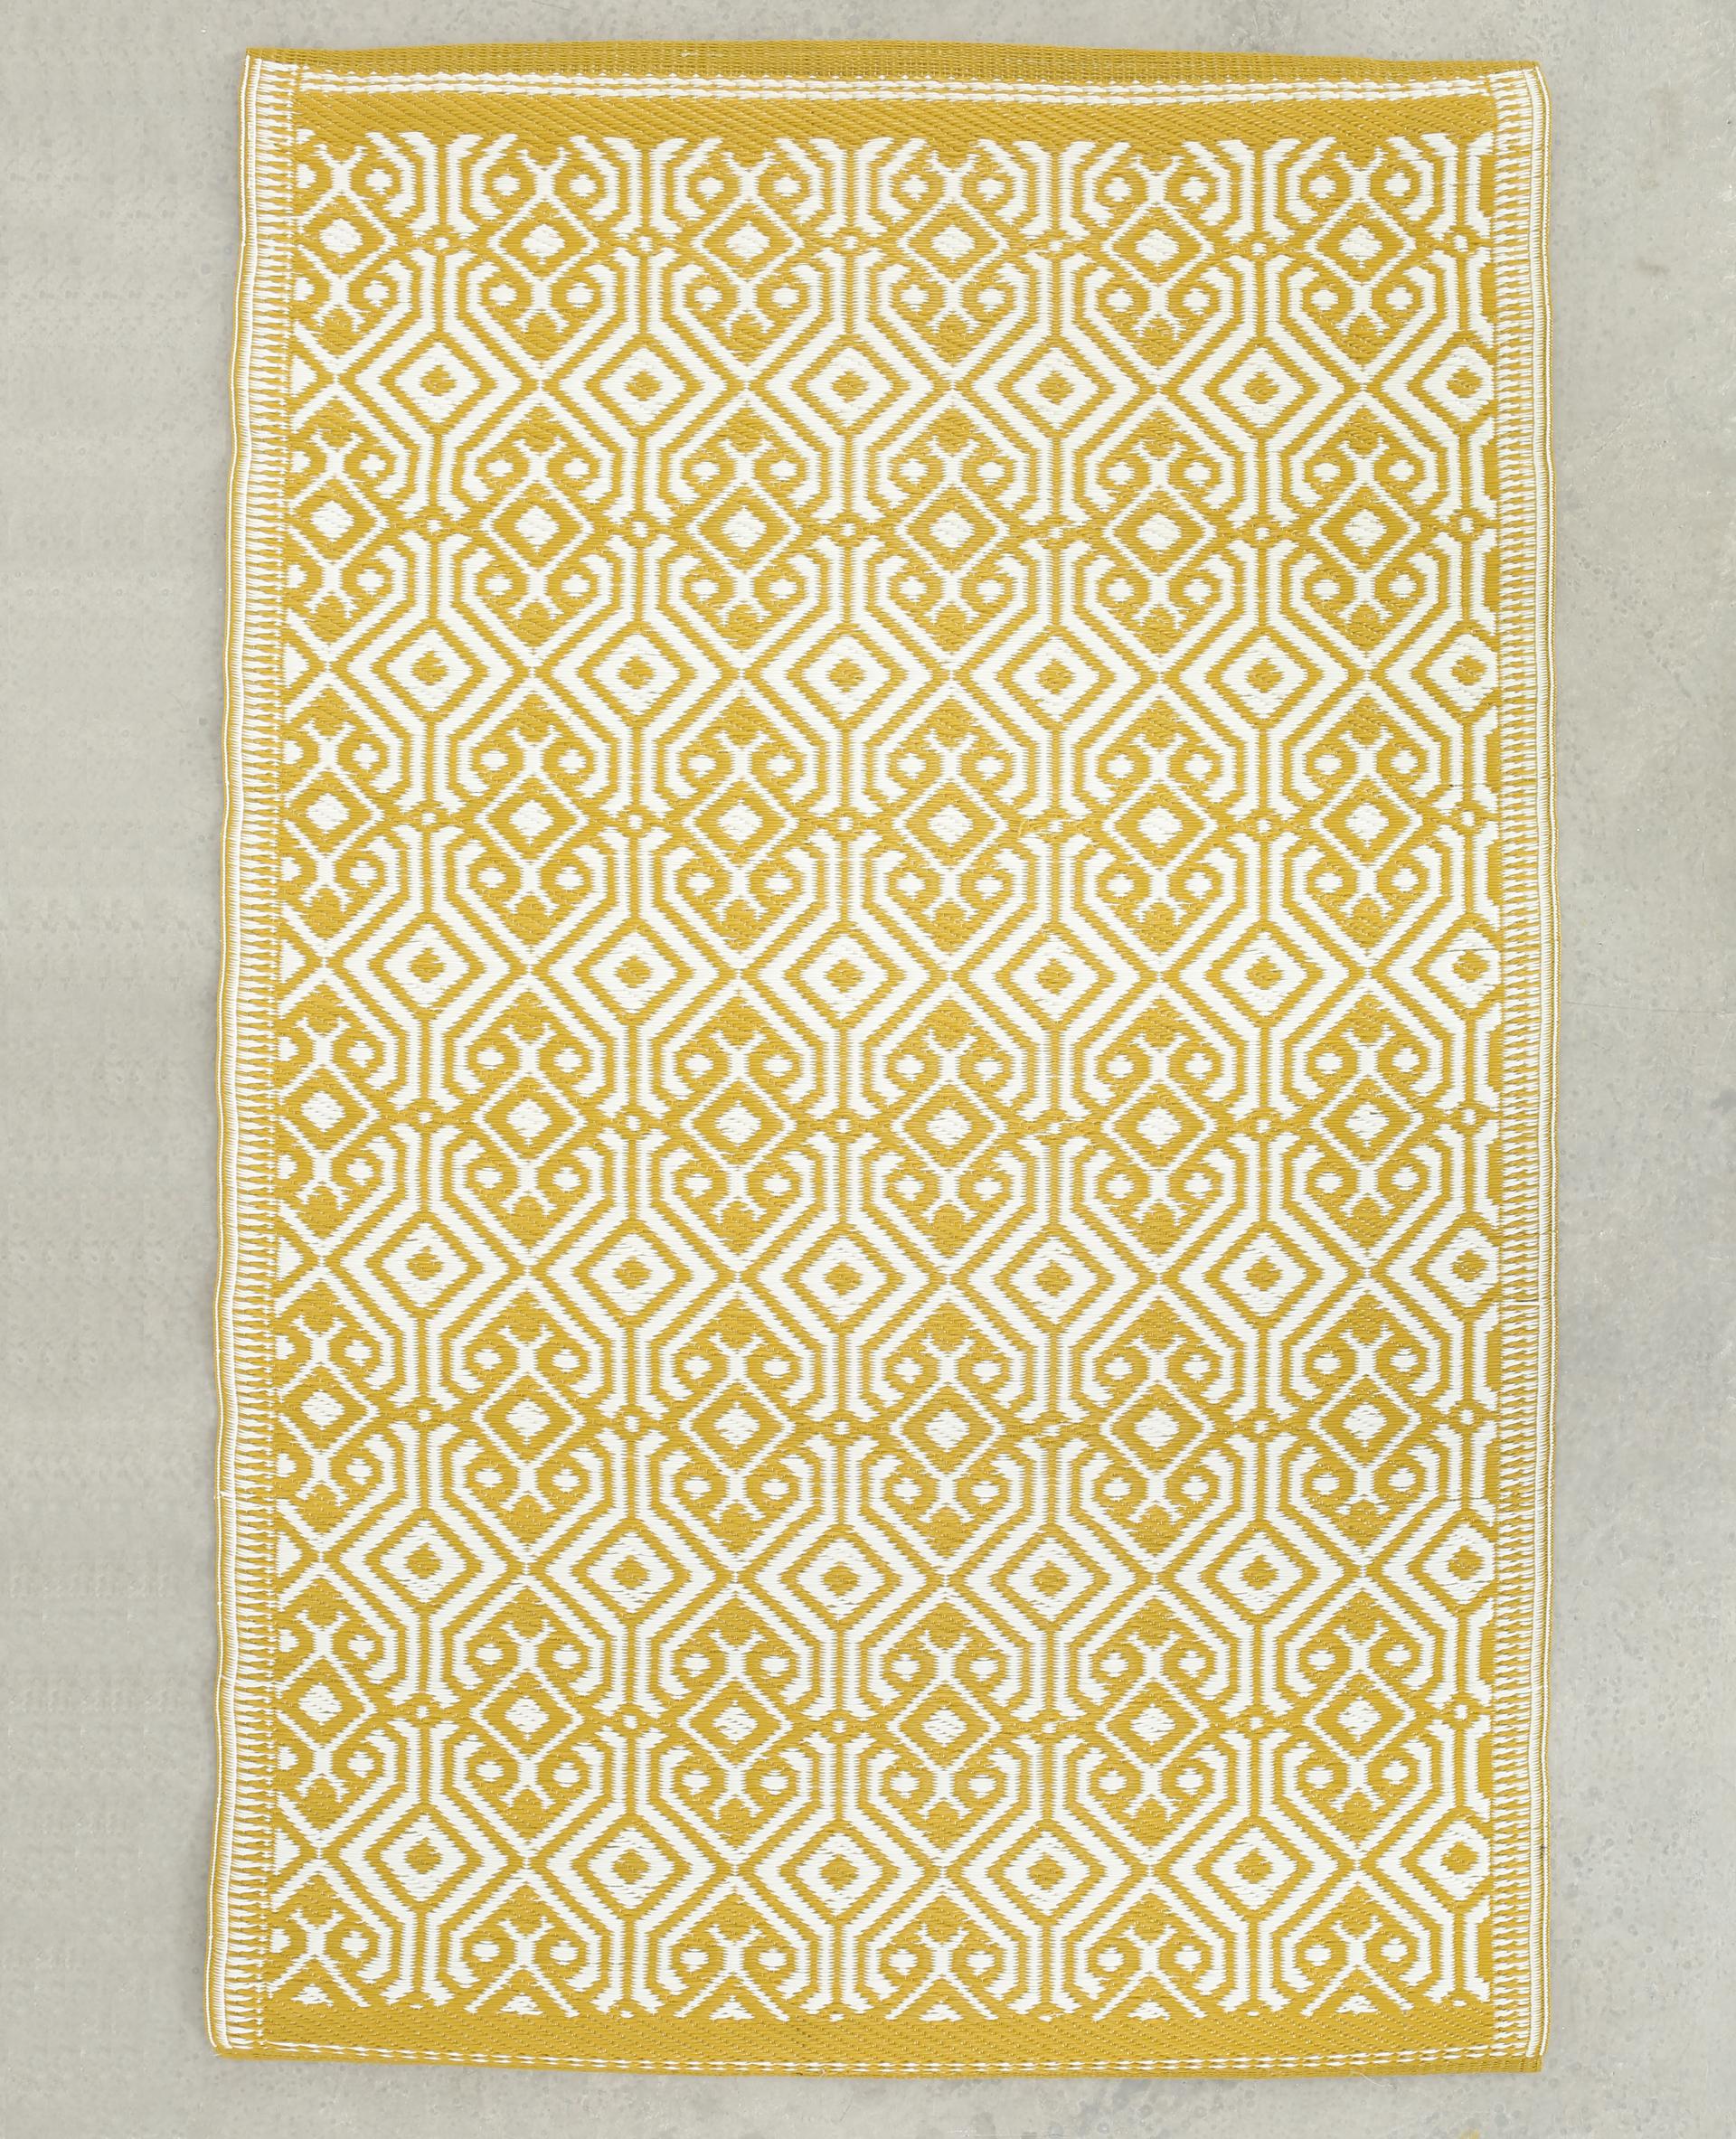 tapis en plastique jaune moutarde 20 907123036i89 pimkie. Black Bedroom Furniture Sets. Home Design Ideas